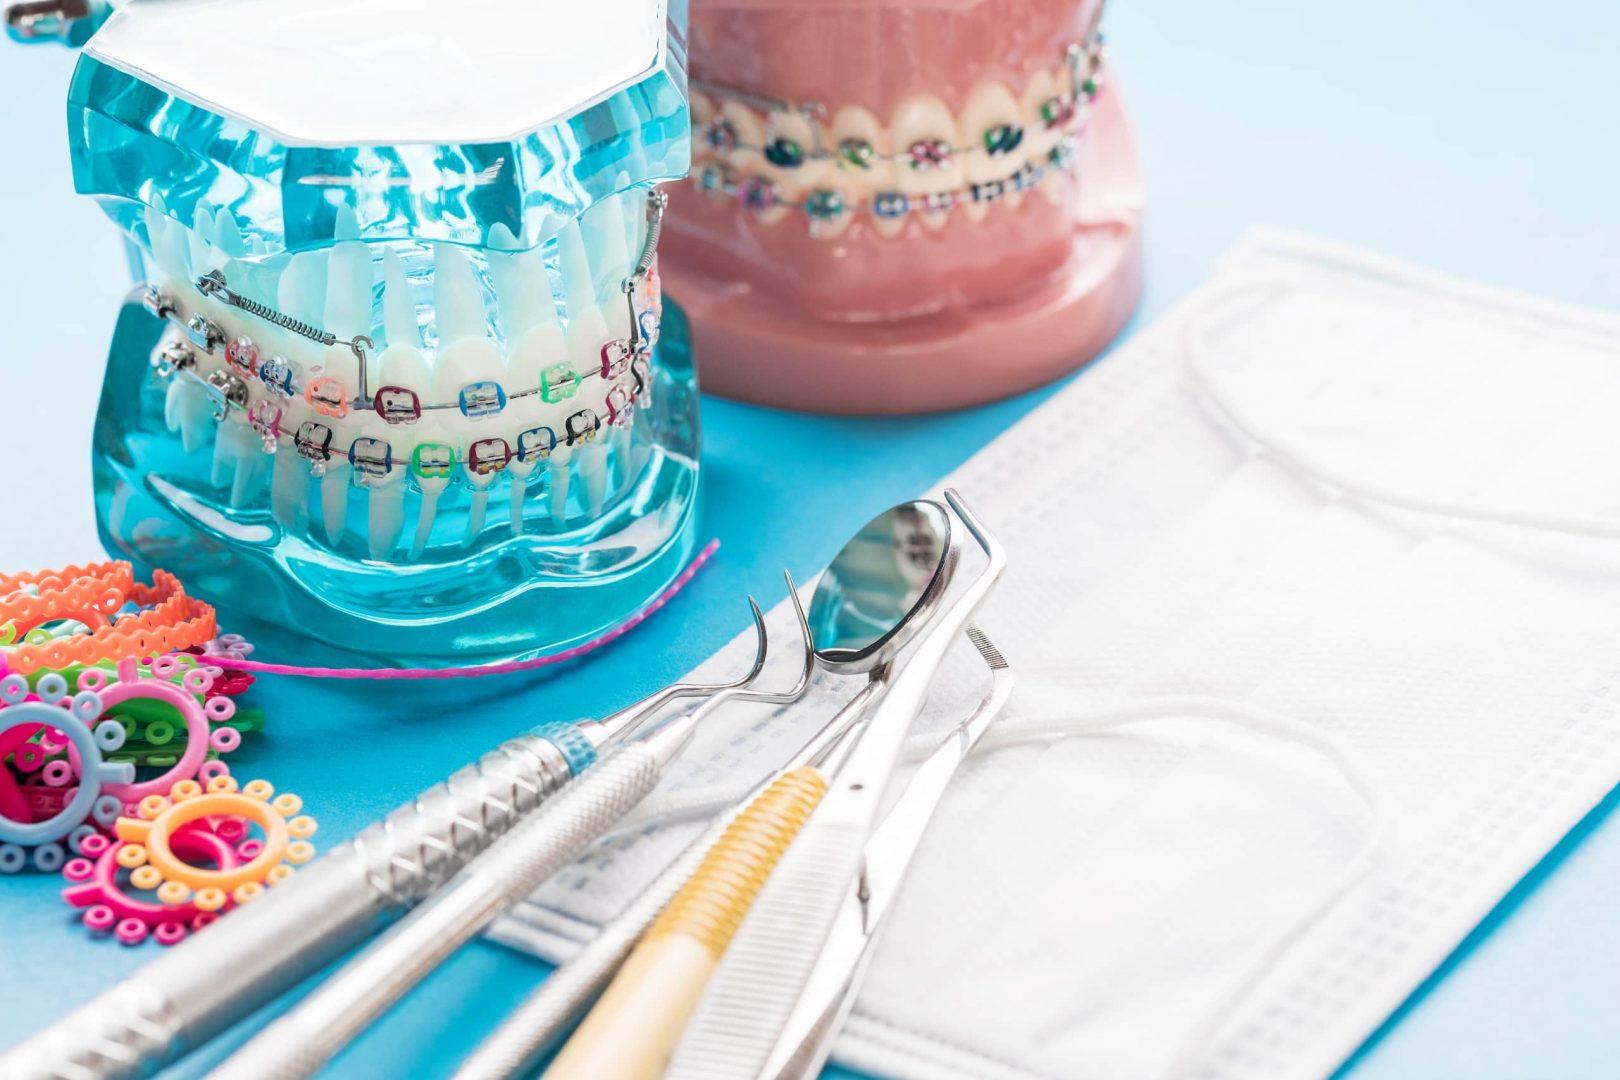 broches, élastiques et matériel dentaire